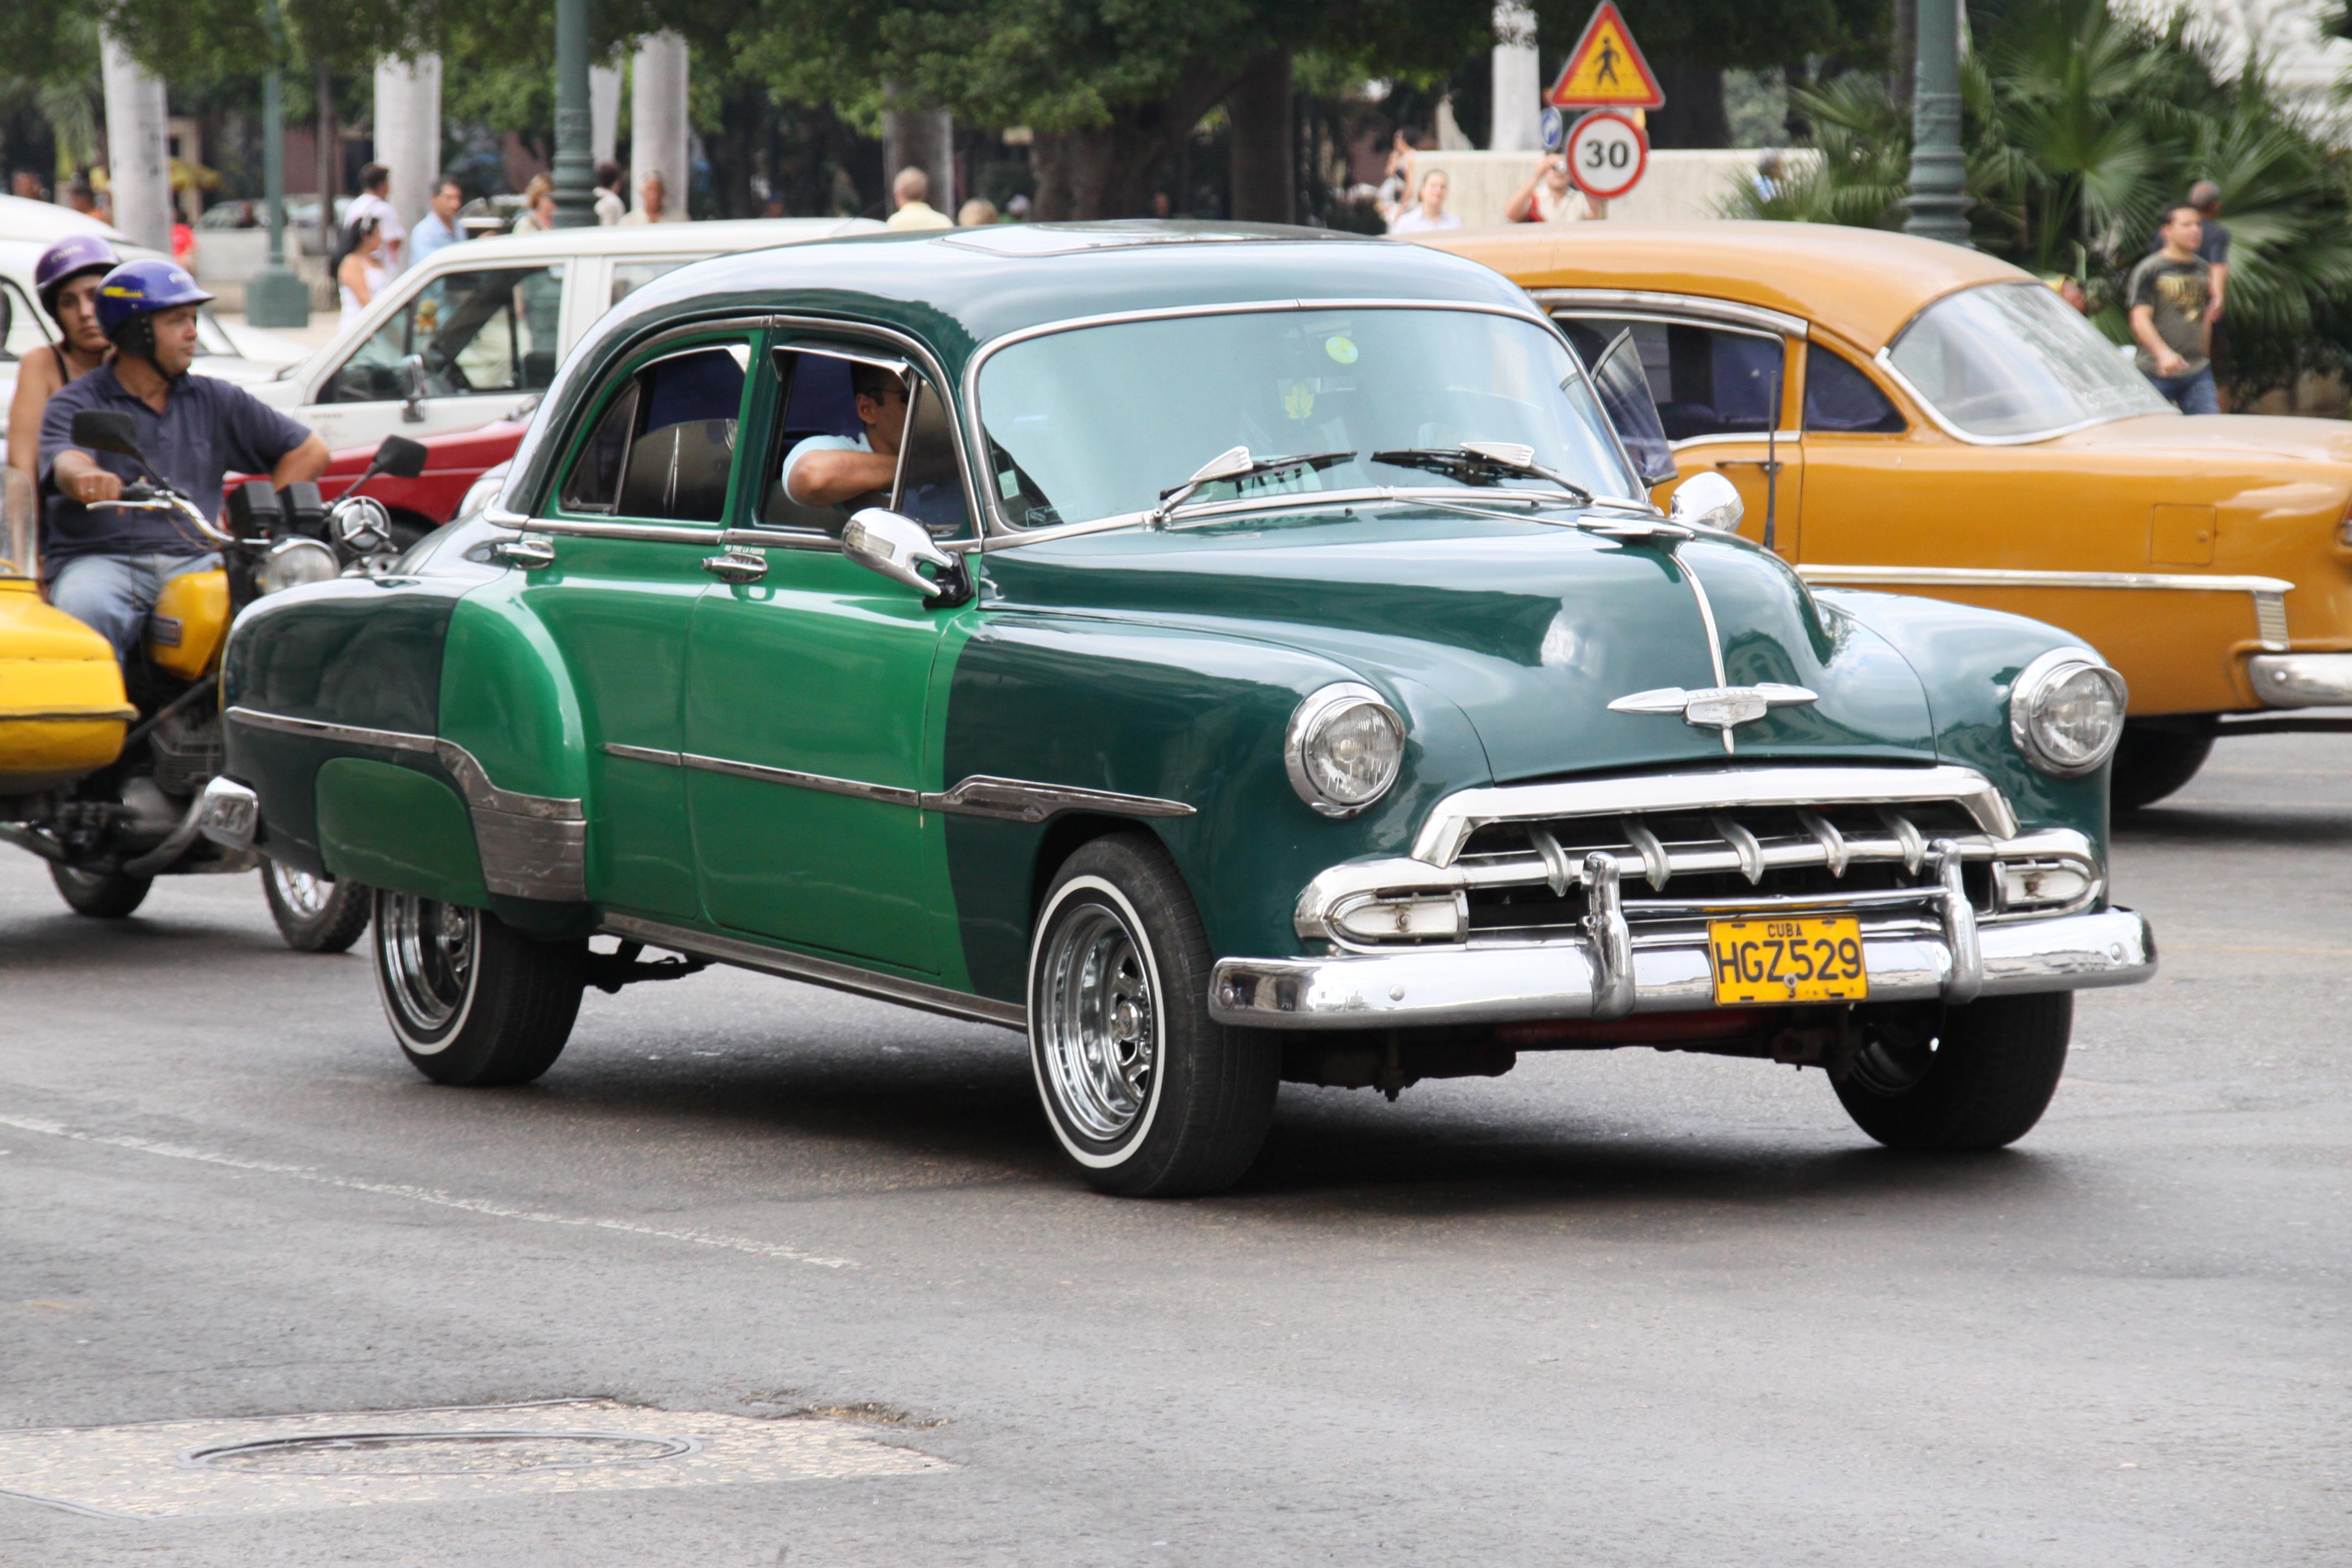 File:Chevrolet 52 (3243677643).jpg - Wikimedia Commons